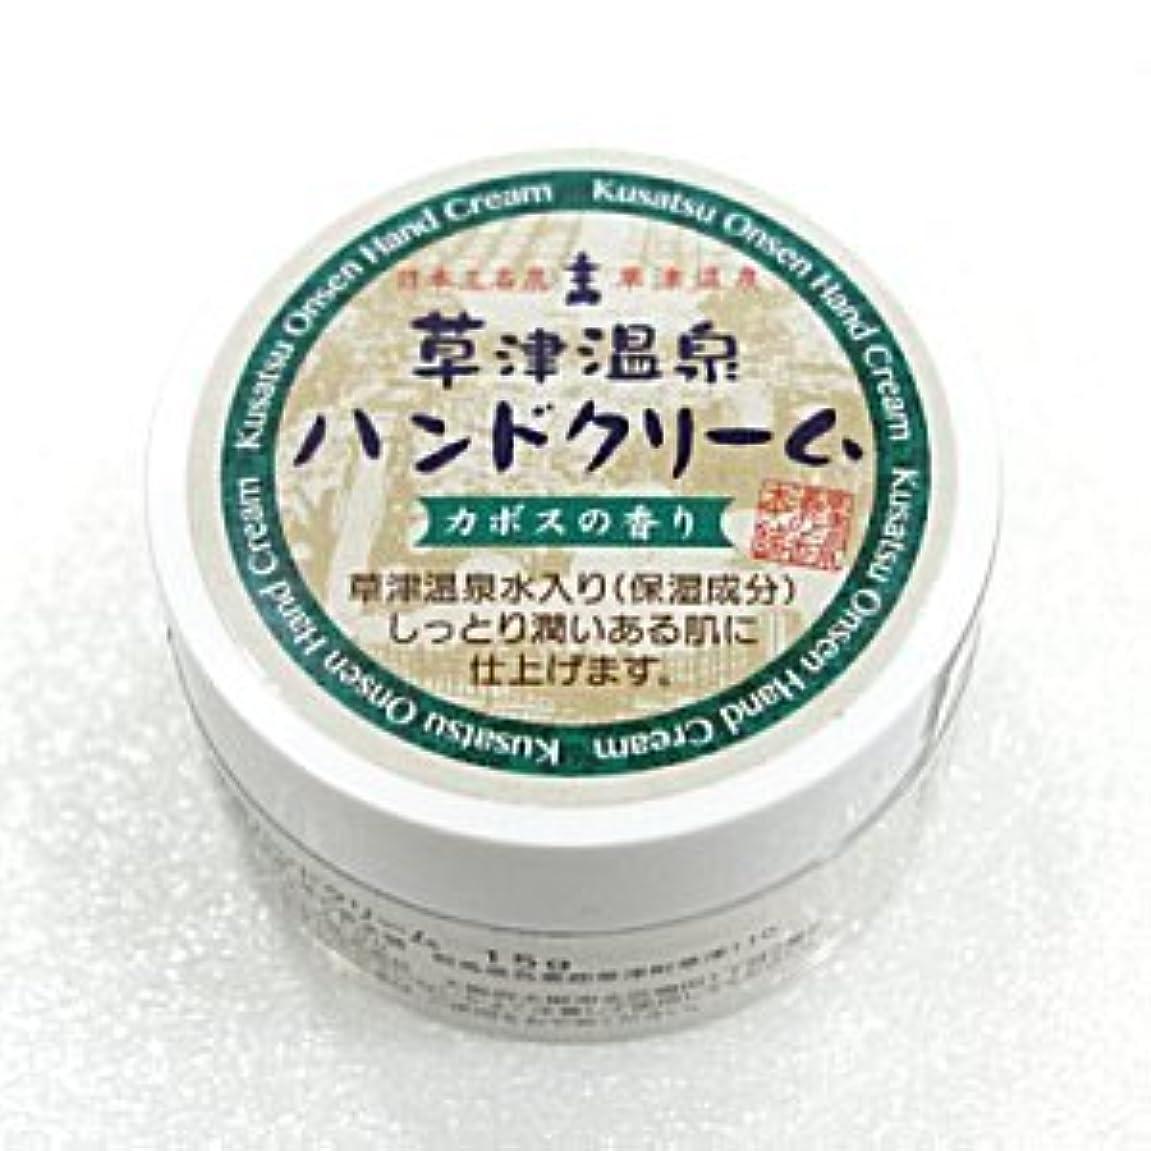 活気づけるマウス潜む草津温泉ハンドクリーム カボスの香り 15g